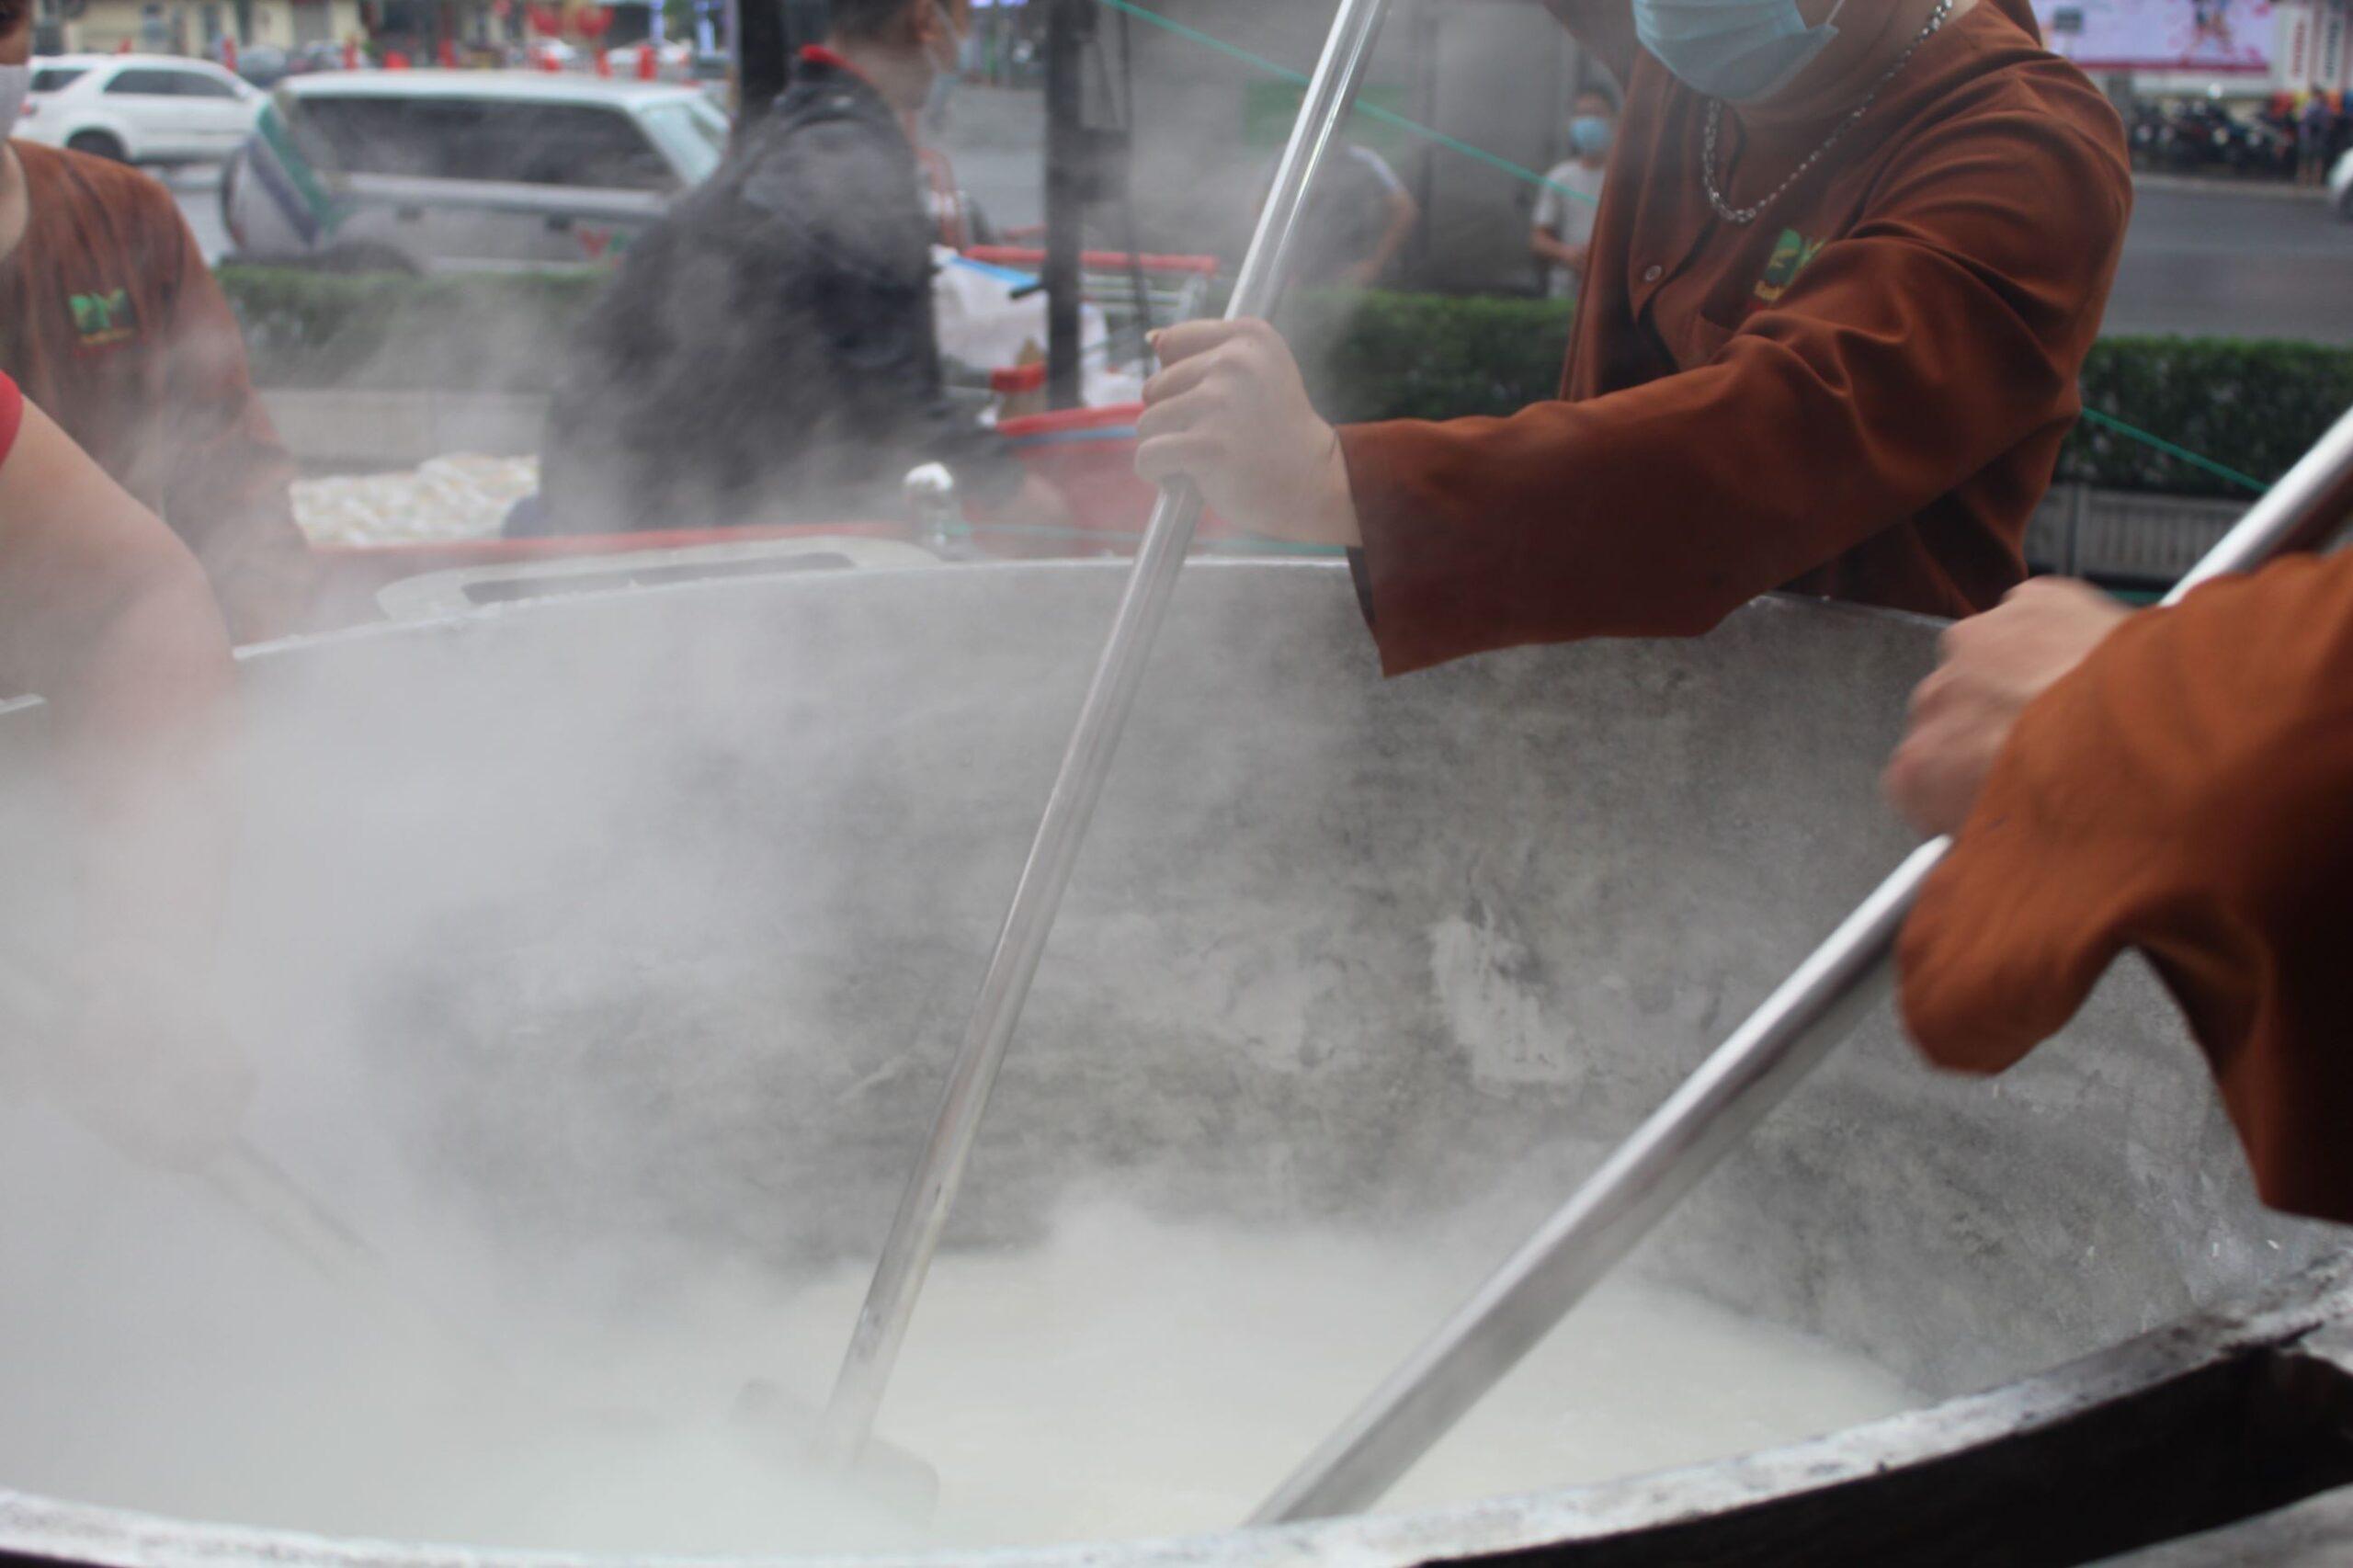 Nhân viên Bảo Minh cùng nhau dùng những chiếc muôi khổng lồ khuấy đảo để xôi được chín đều. Phương pháp nấu cơm truyền thống bằng bếp củi đòi hỏi kỹ thuật điêu luyện và kinh nghiệm từ người đứng bếp. Nhưng cơm khi nấu xongsẽ ngon hơn khi nấu bằng những thiết bị máy hiện đại.